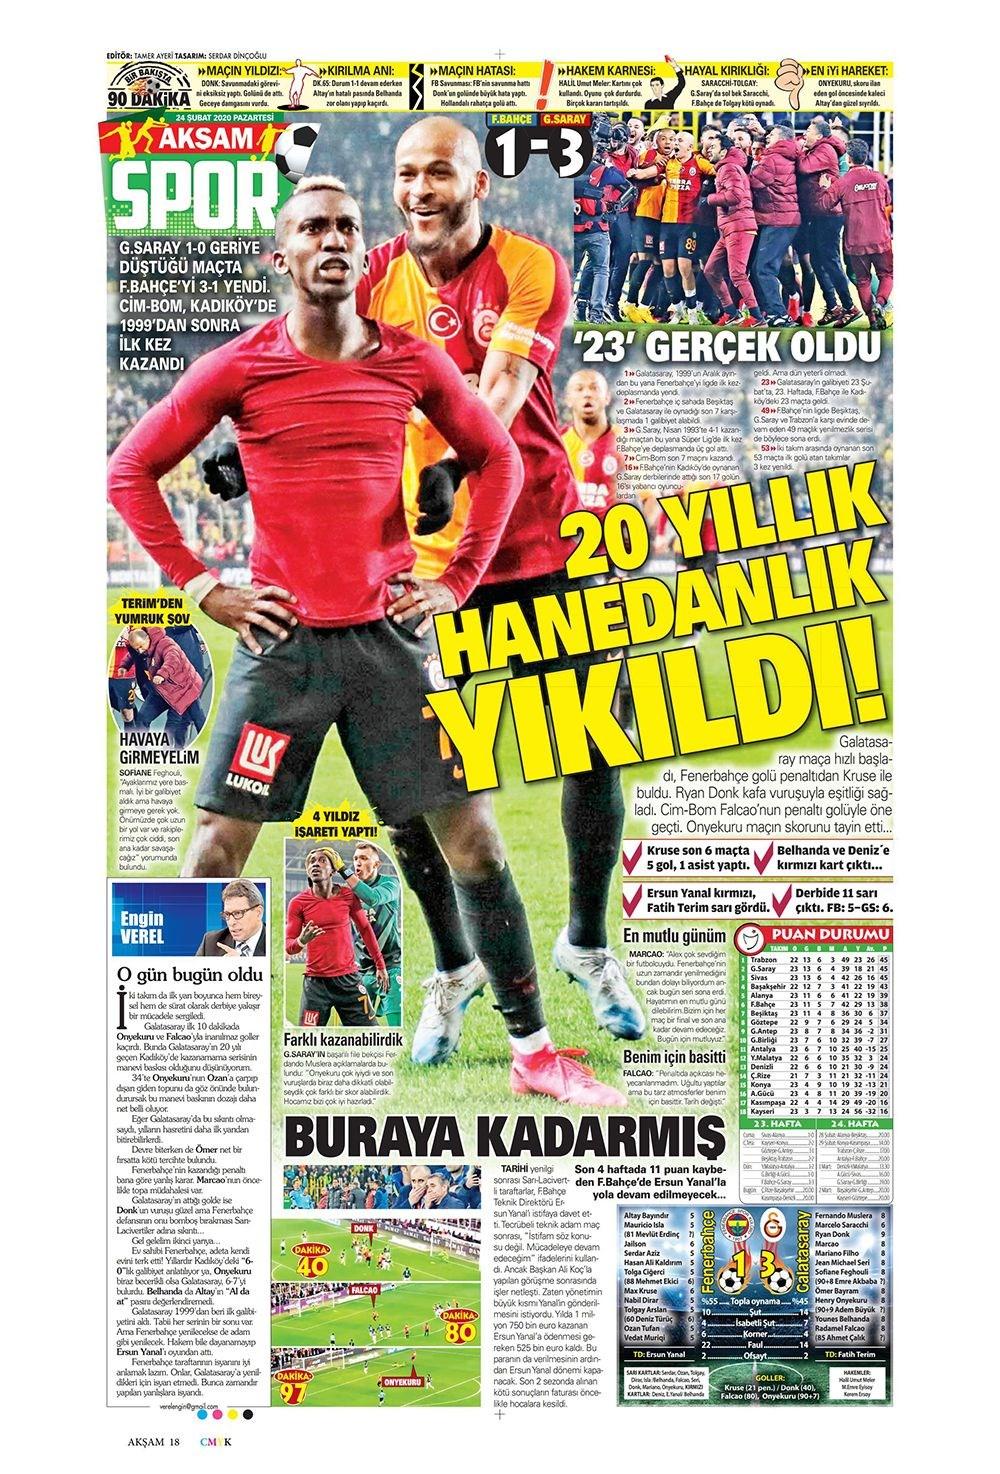 İşte 24 Şubat günün spor manşetleri! Haftanın önemli spor gelişmeleri 1